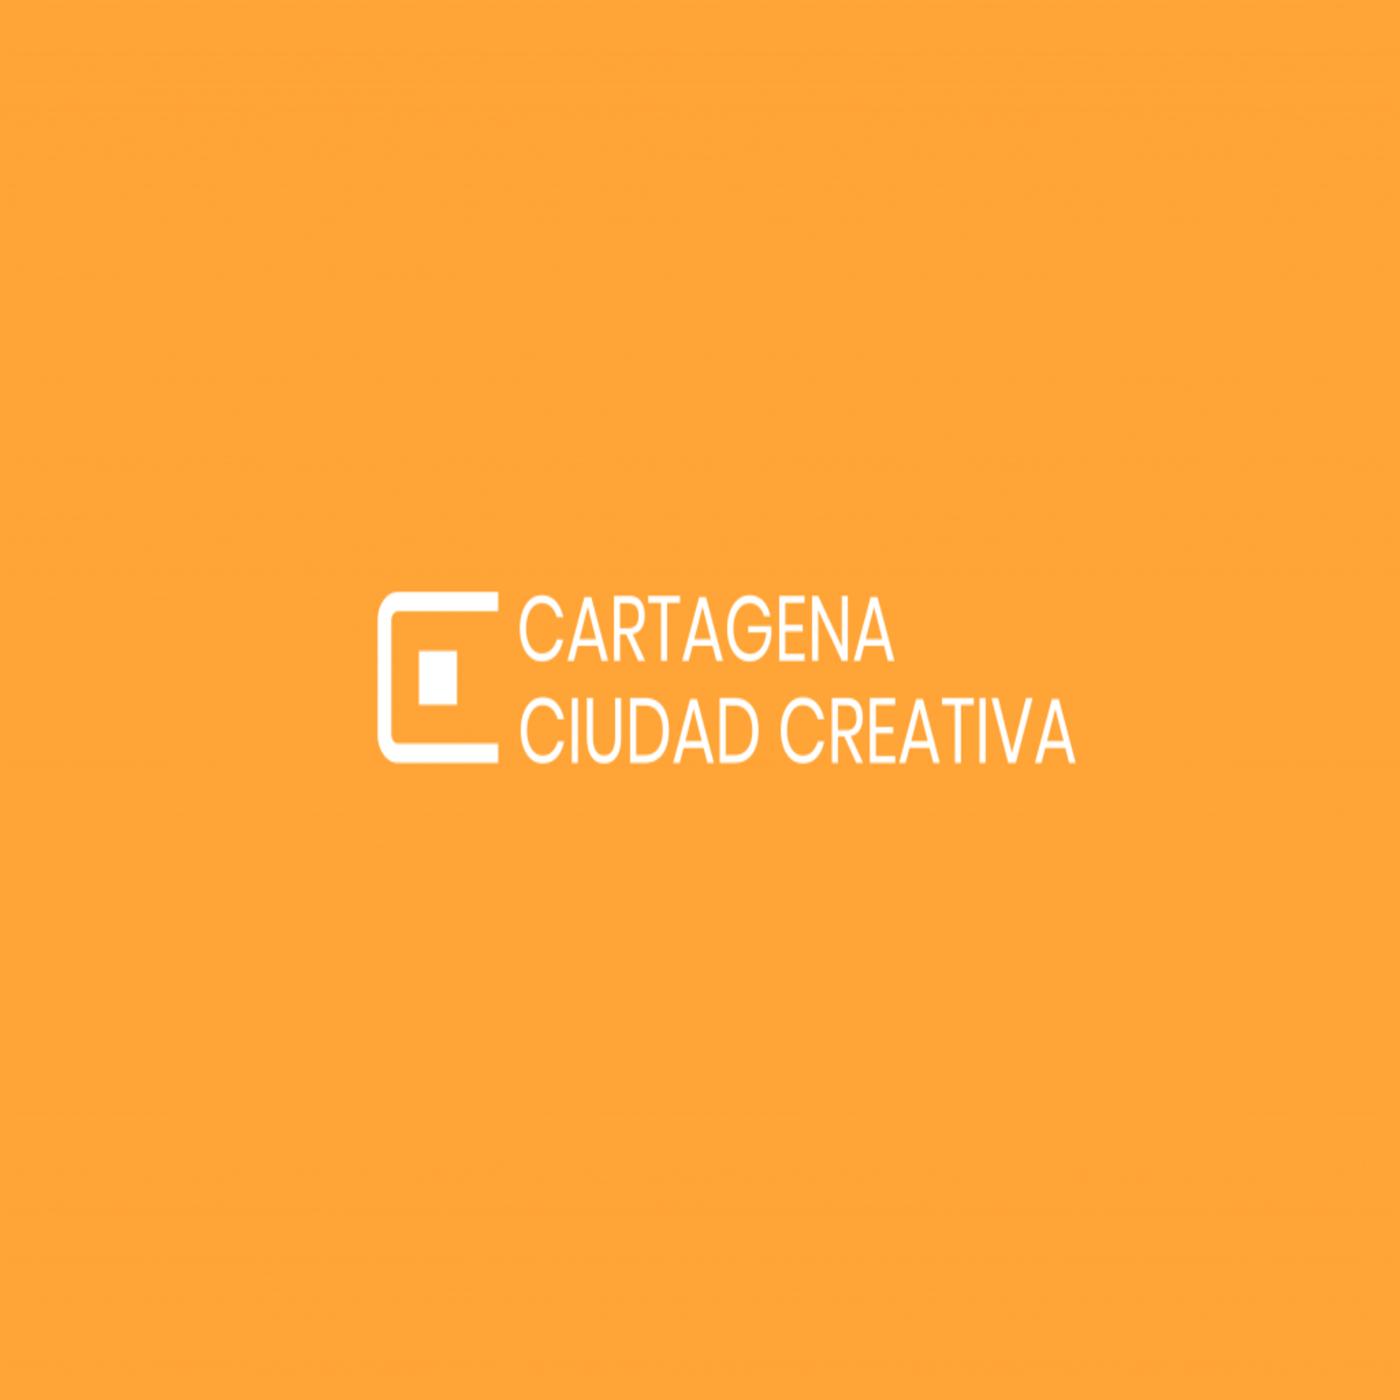 Cartagena Ciudad Creativa